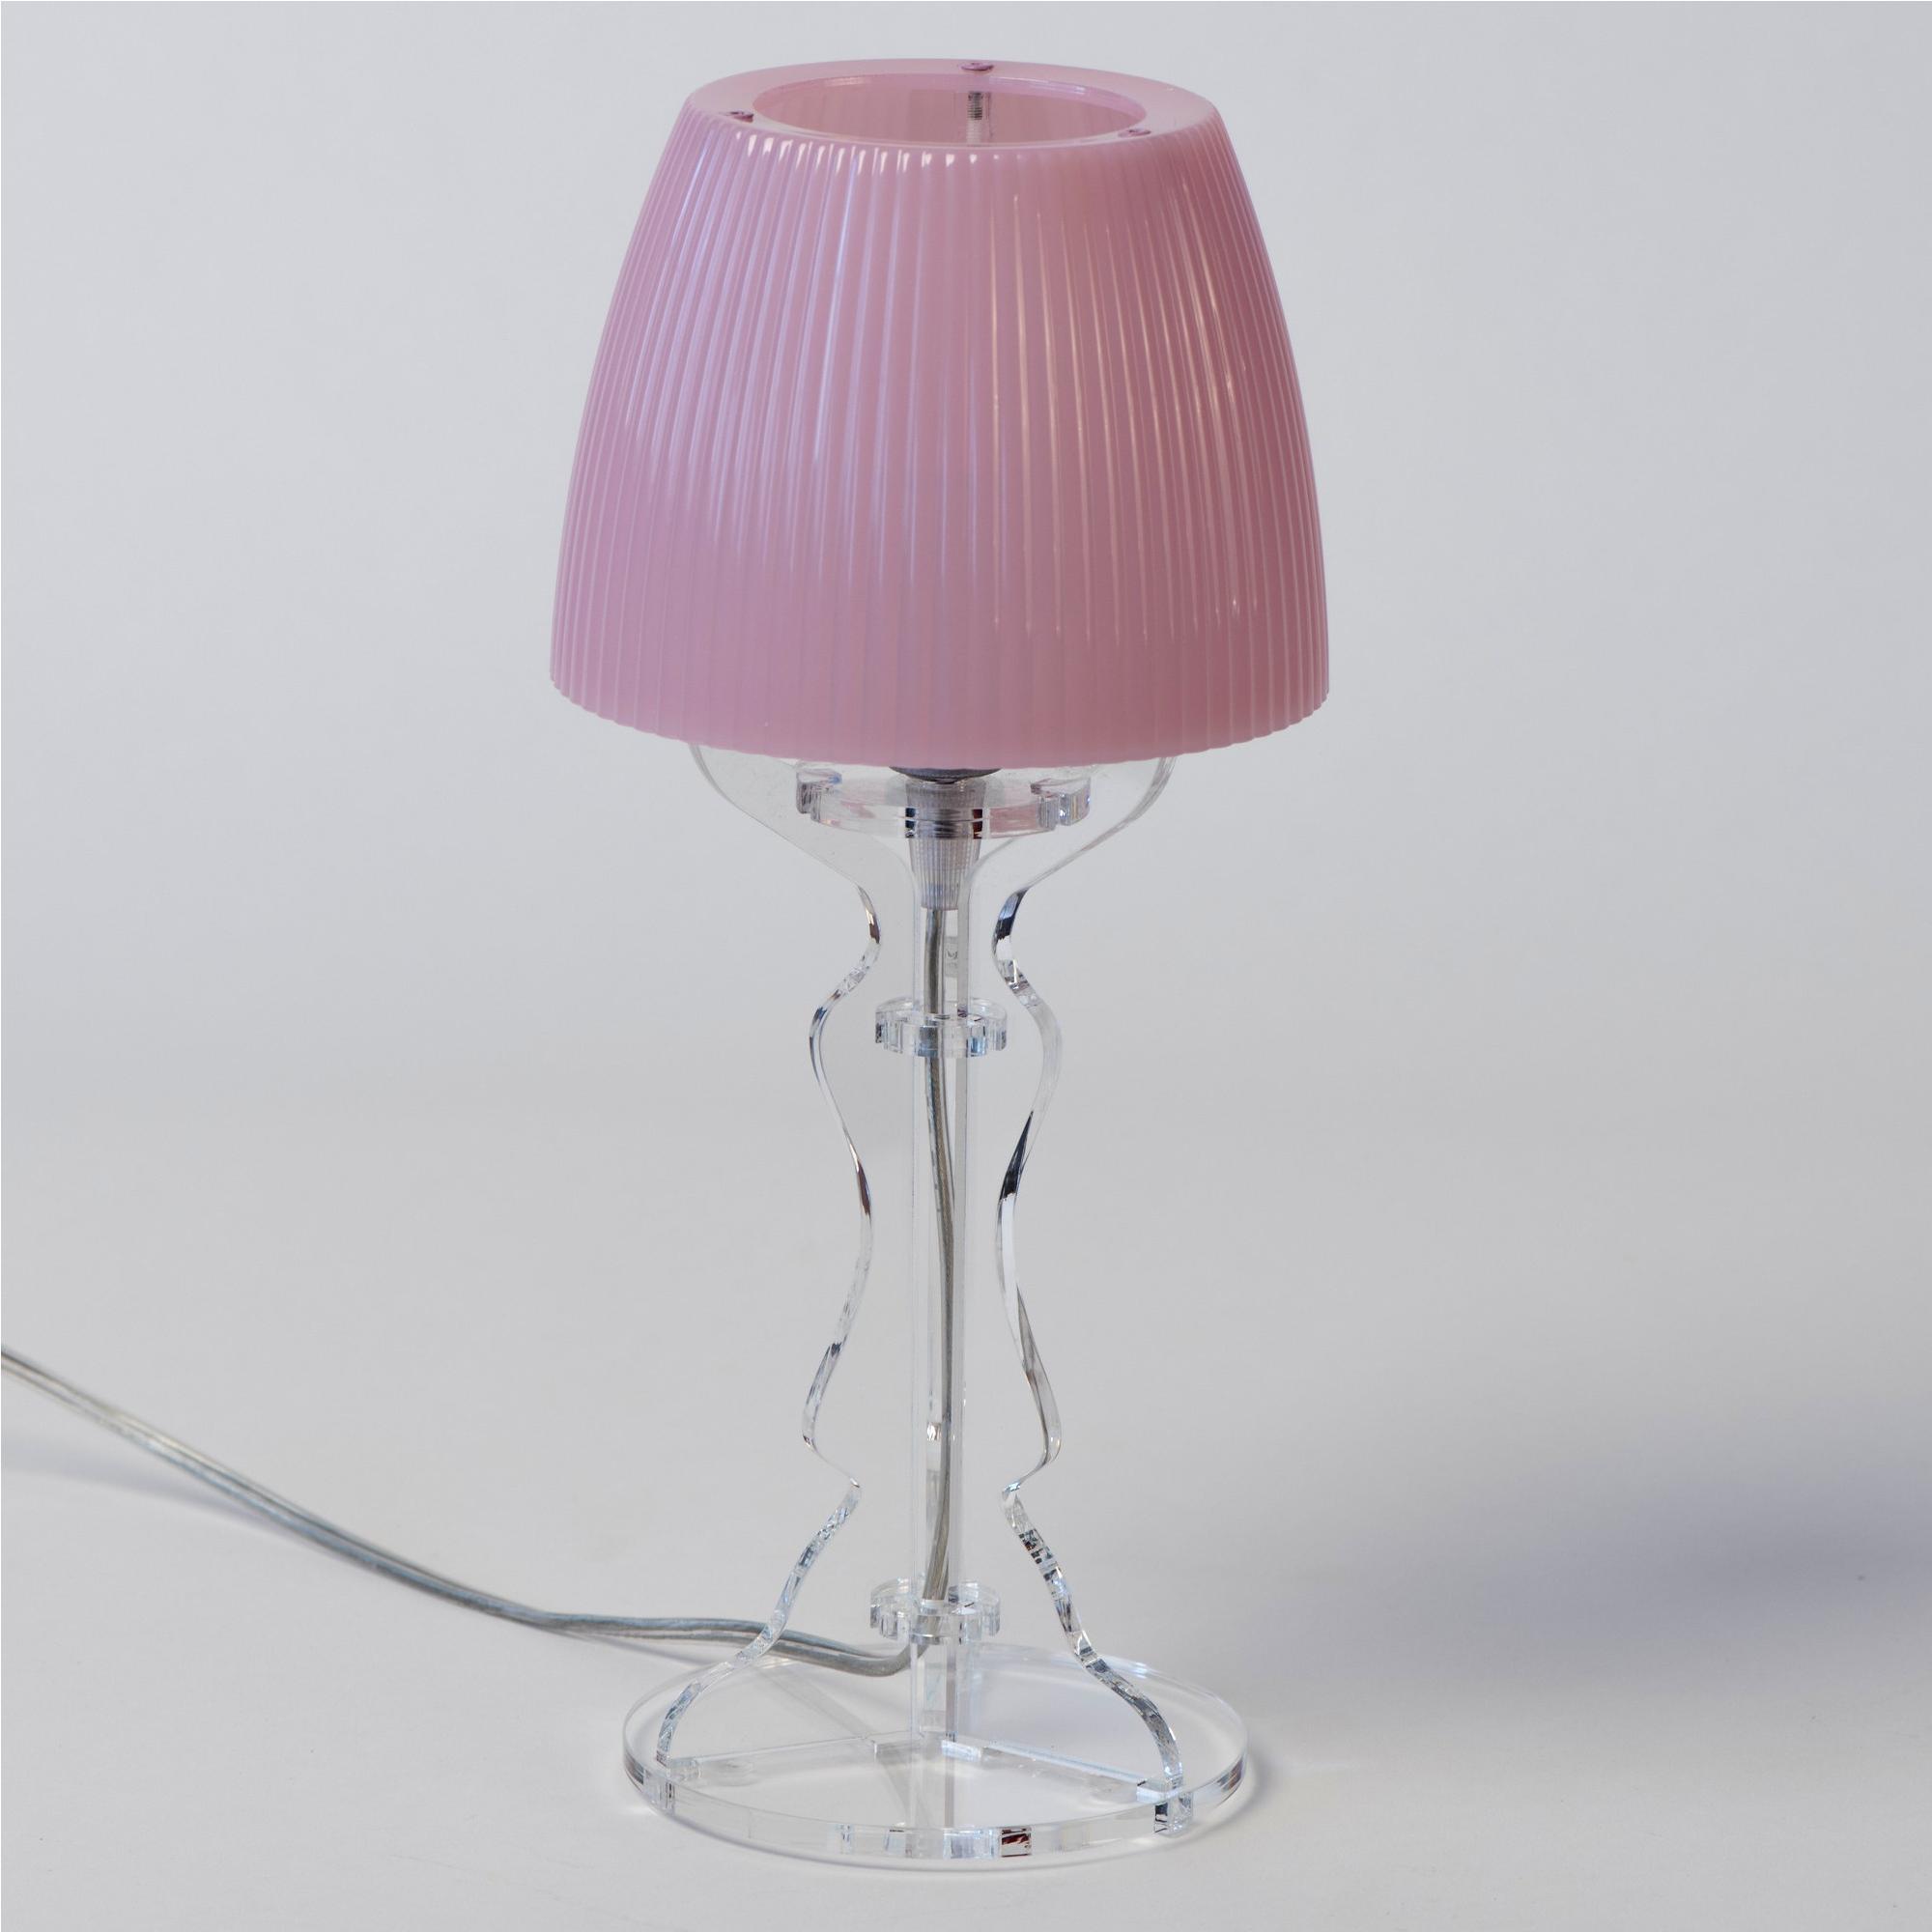 Lampada Da Tavolo Abat Jour Piccola Lady Diametro O14xh31cm Trasparente Rosa Vesta Stilcasa Net Lampade Da Tavolo